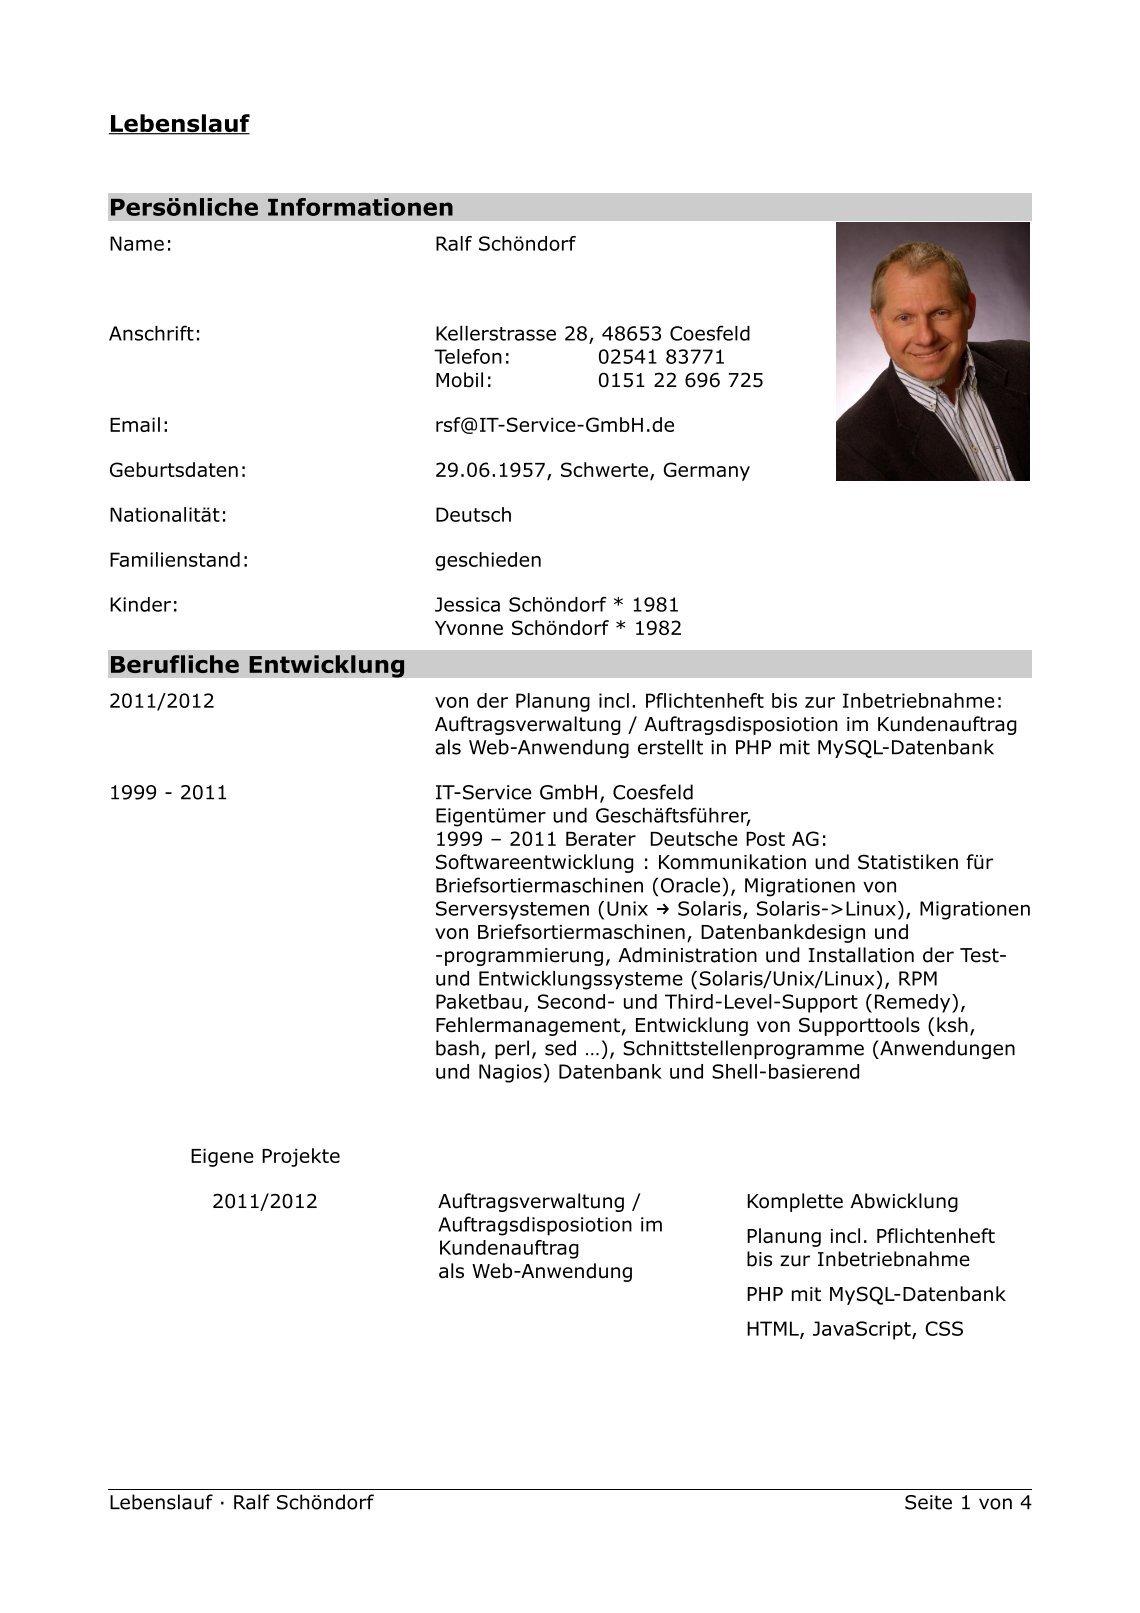 Schön Lebenslauf Zusammenfassung Der Qualifikationen Kundendienst ...